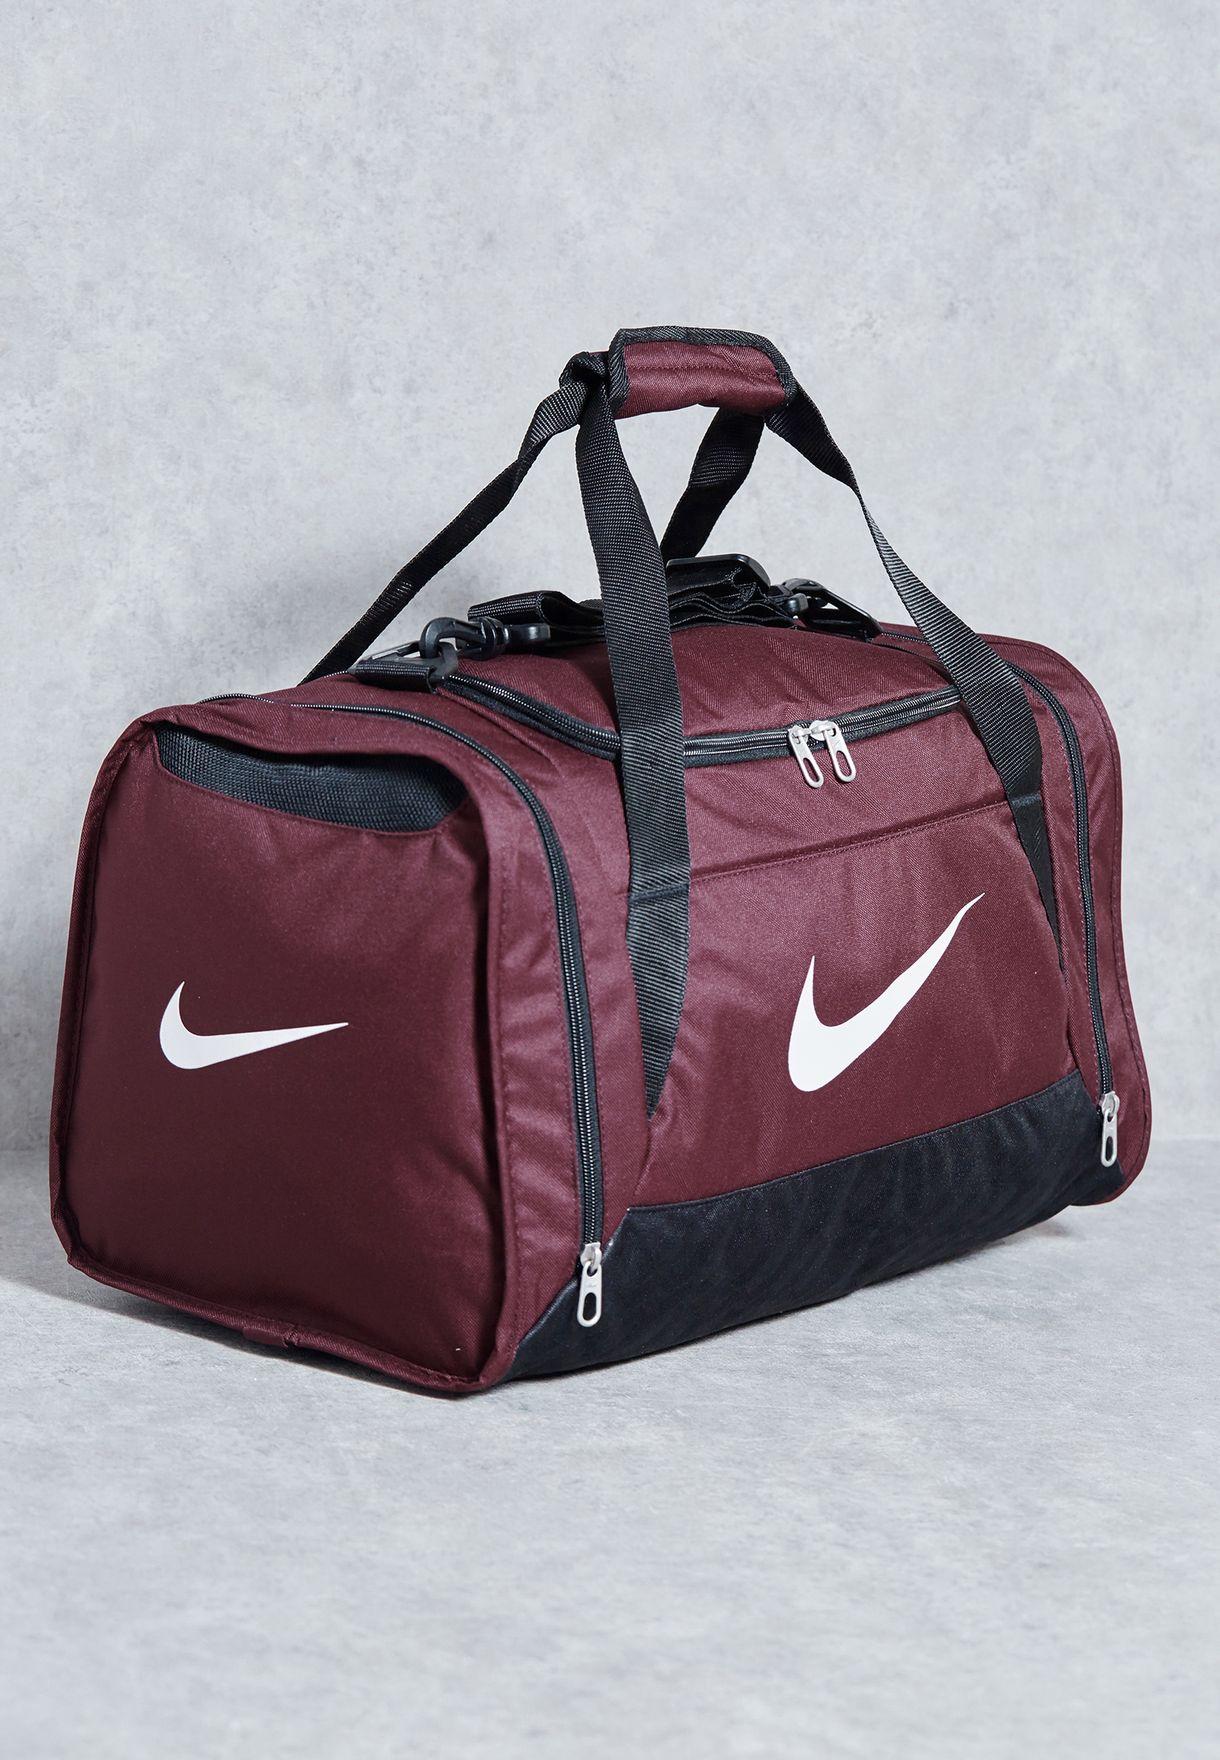 bfe84aab0677 Shop Nike red Small Brasilia 6 Crossbody Duffel Bag BA4831-681 for Women in  Qatar - NI727AC83XBG